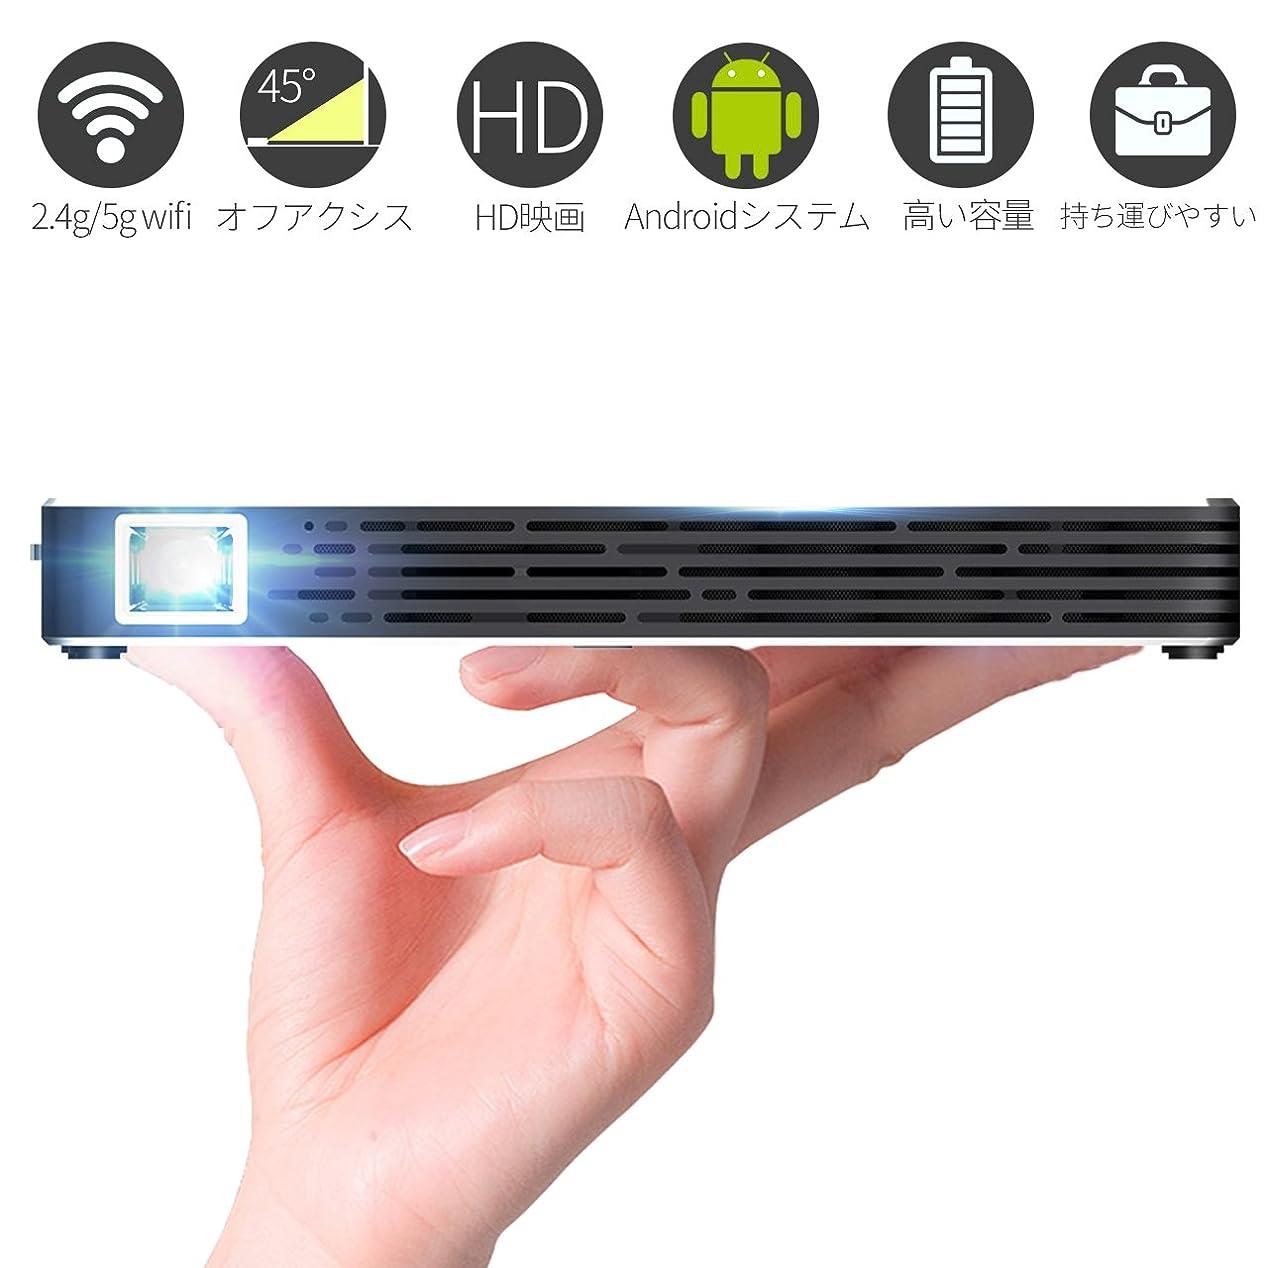 移住する貢献チョコレートTOUMEI C800 DLPプロジェクター スマートアンドロイド プロジェクター 2000:1コントラスト比 120インチスクリーン 4200mAh 充電式 2.4G/5G 4.0 HD IN USB